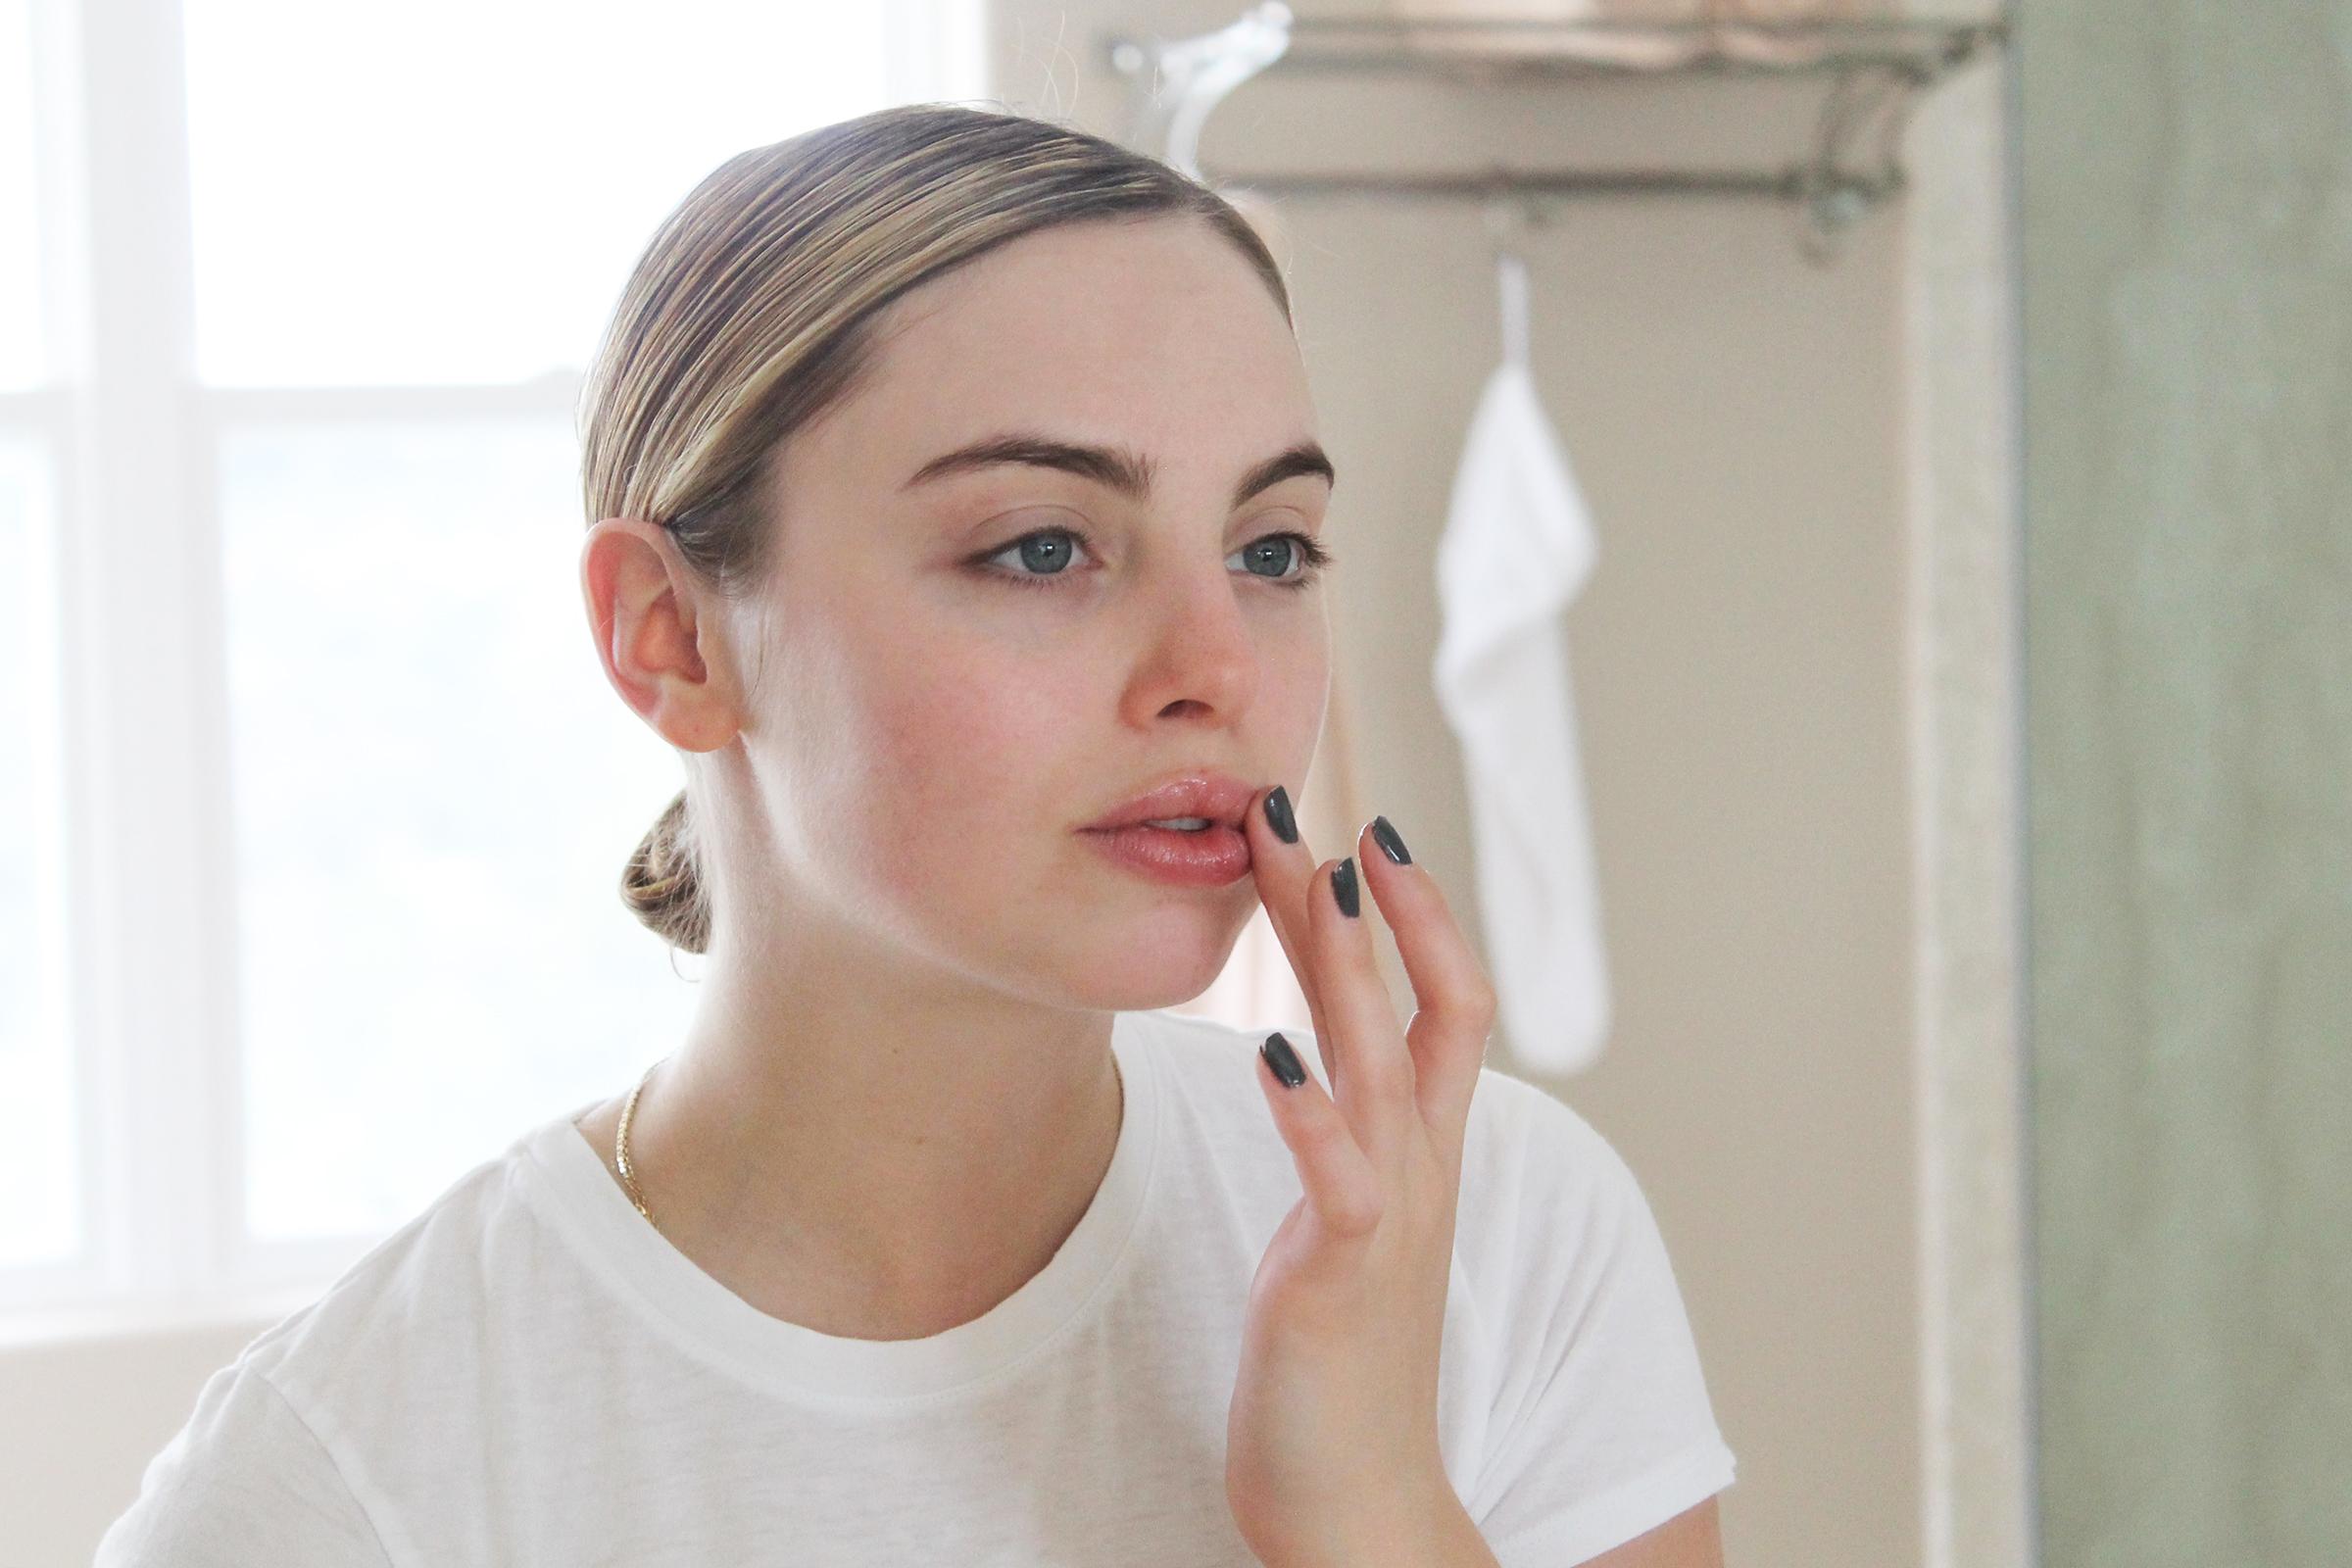 Applying the lip serum